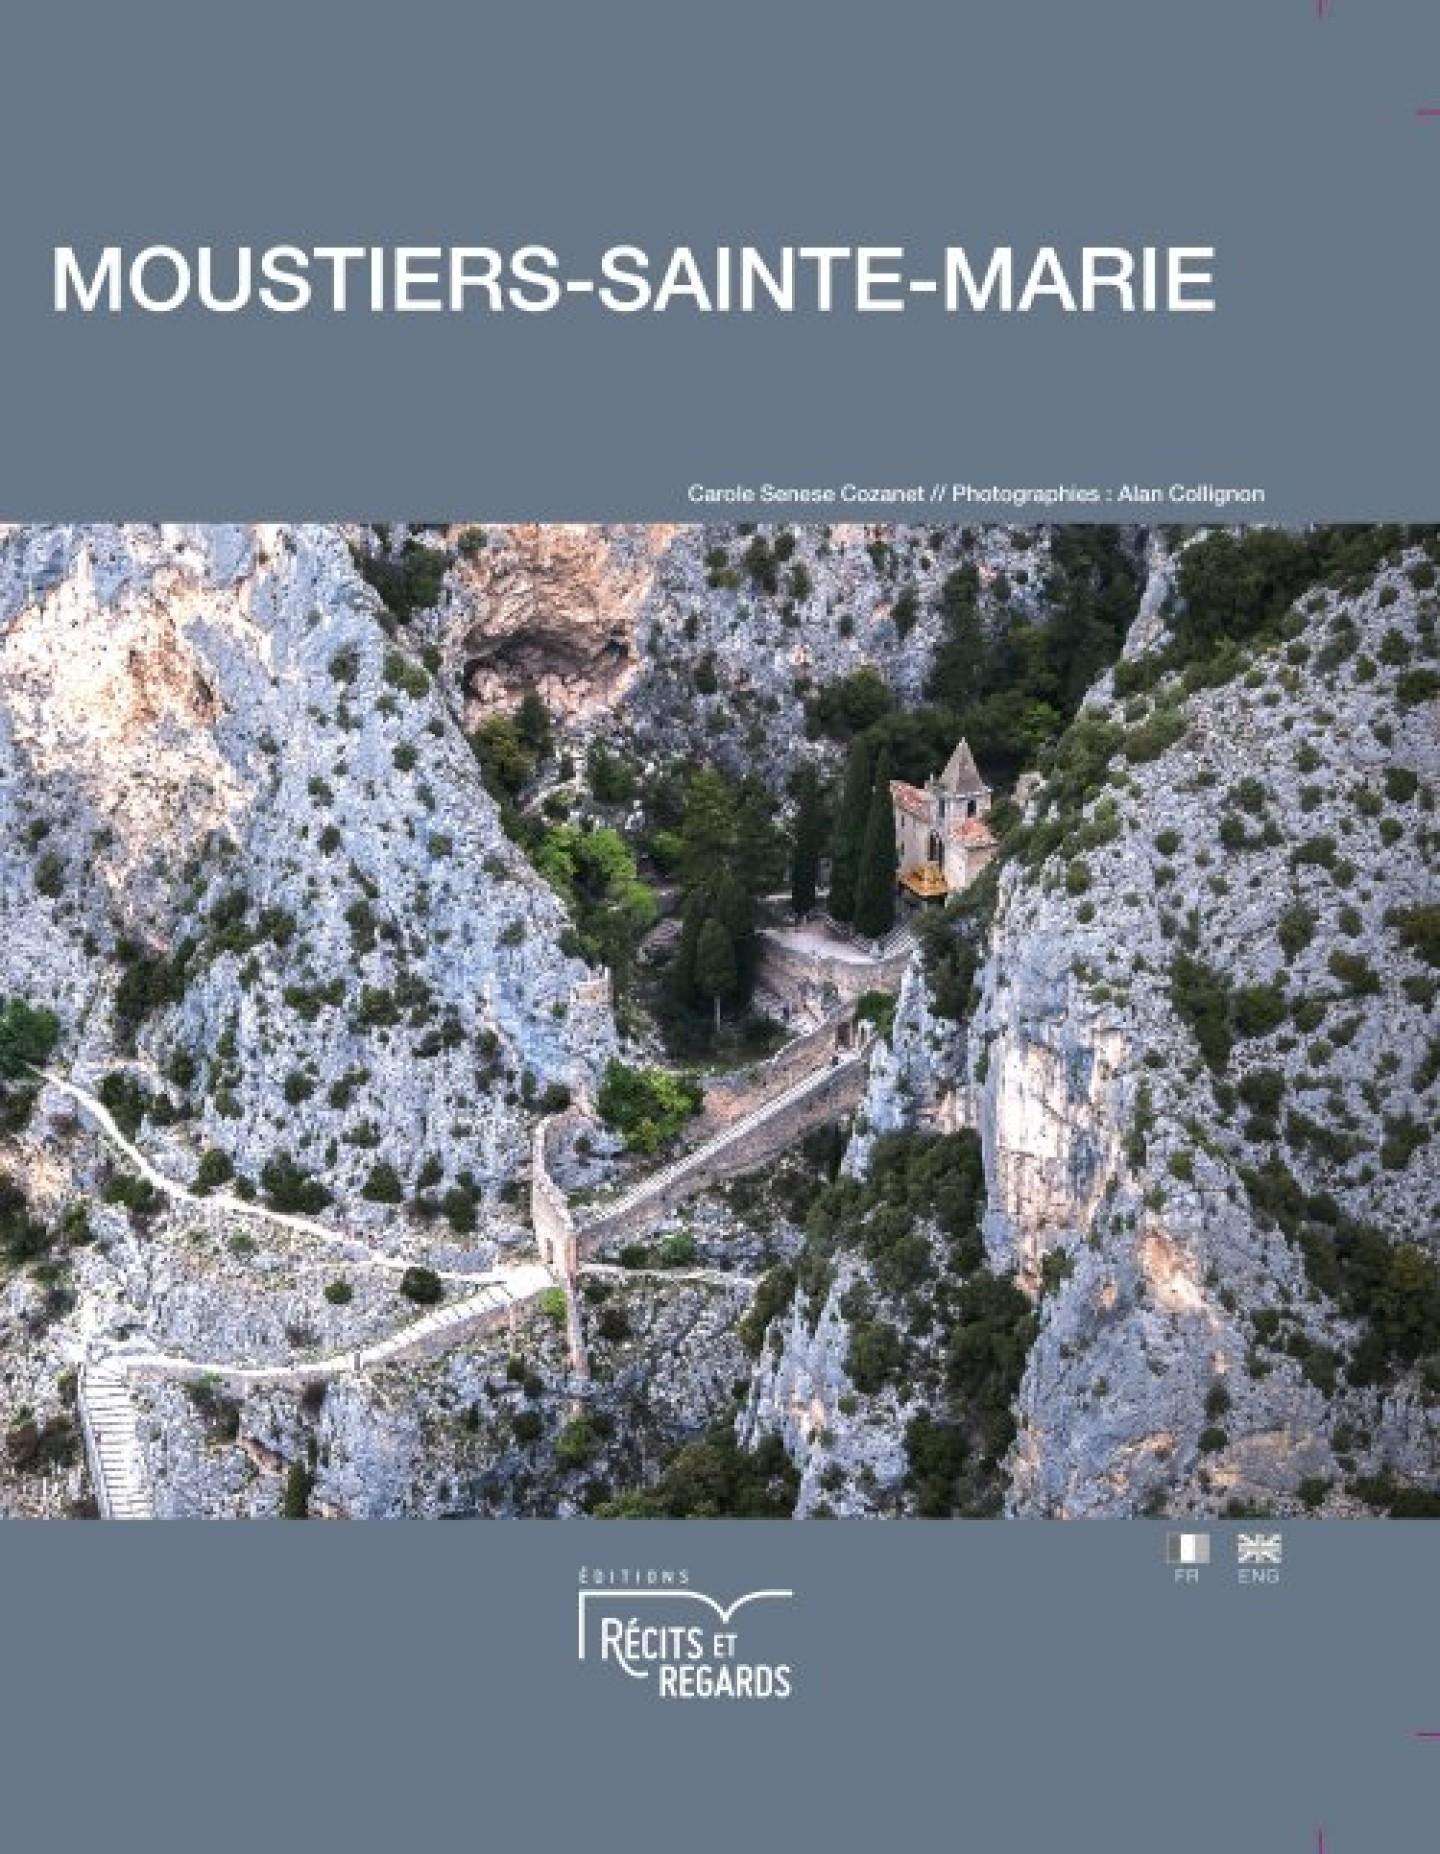 Moustiers-Sainte-Marie de Carole Sénèse Cozanet